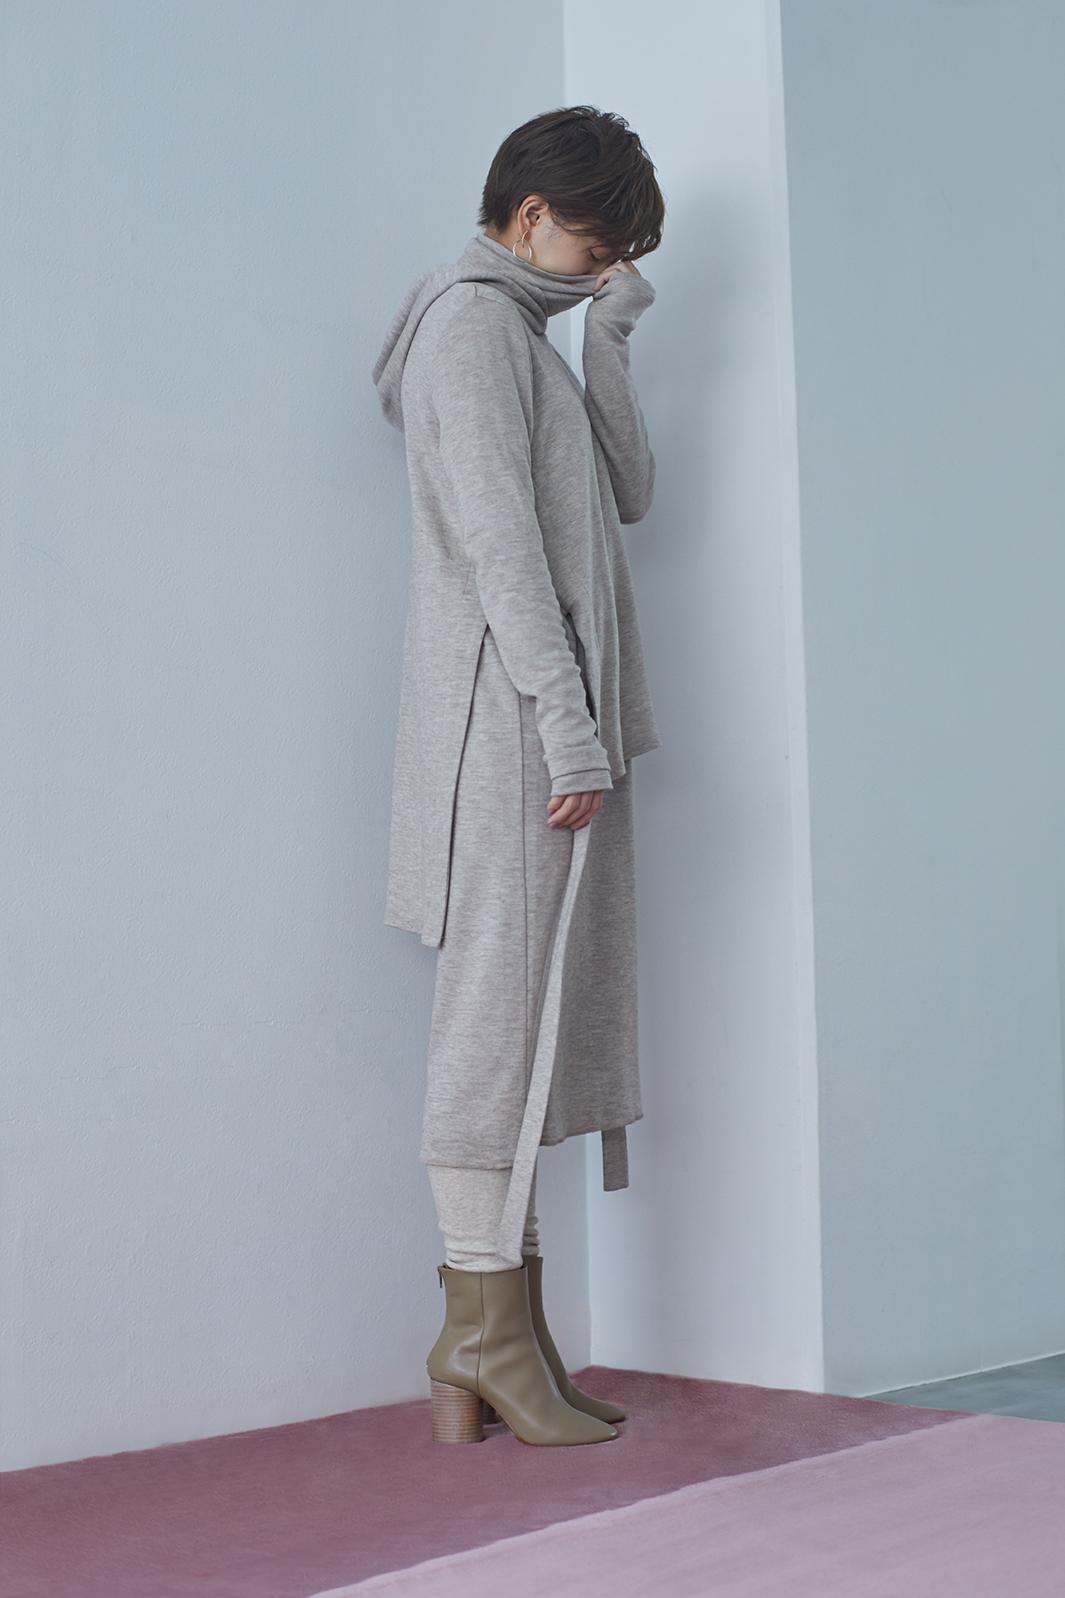 【独占取材】 伊藤千晃さんのブランド『KIKI AND DAYS』が限定ショップをオープン! photoGallery_1_6